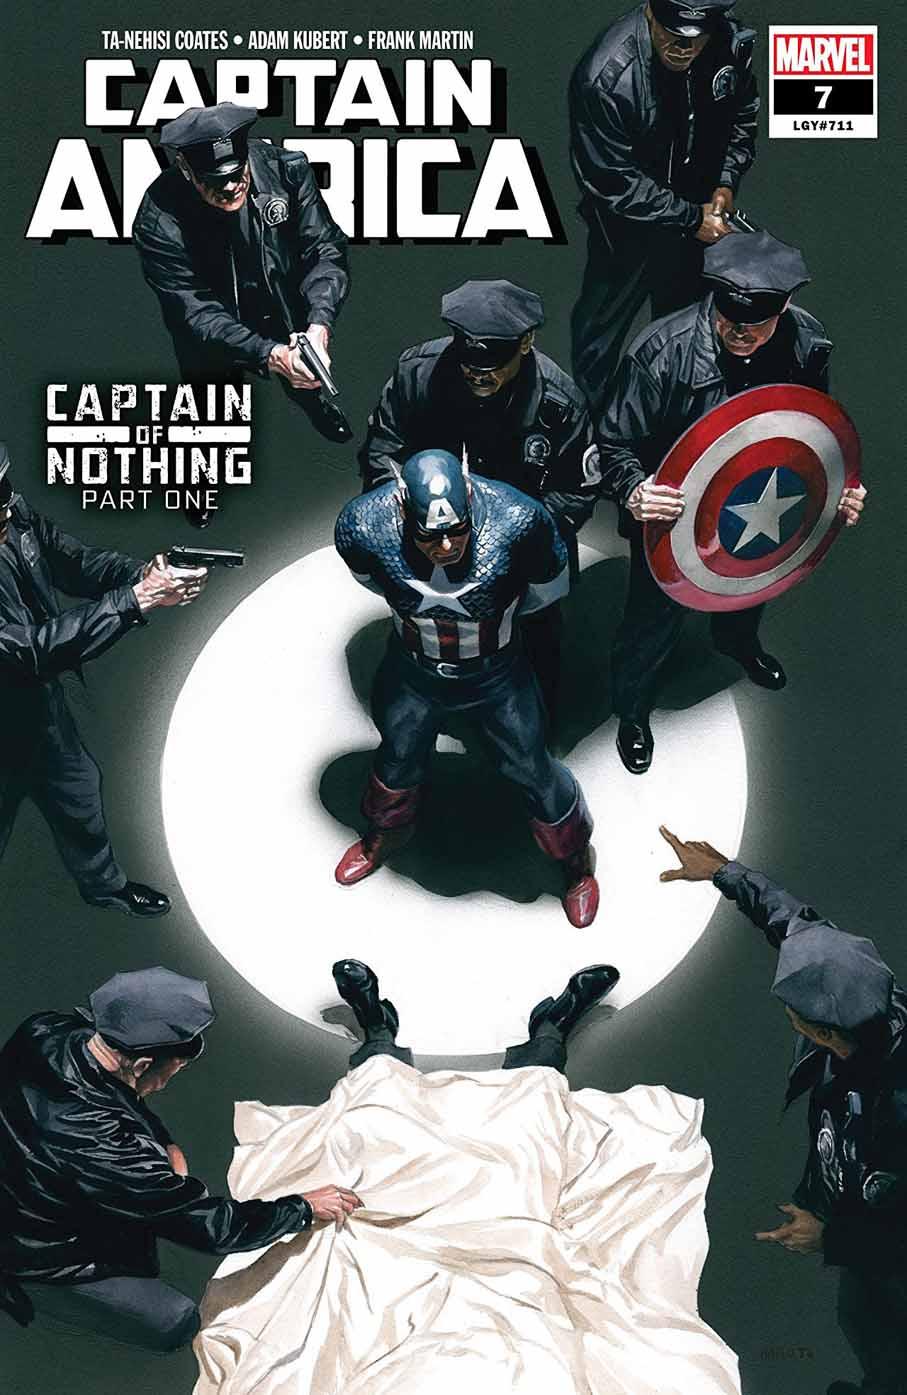 captainamerica7a